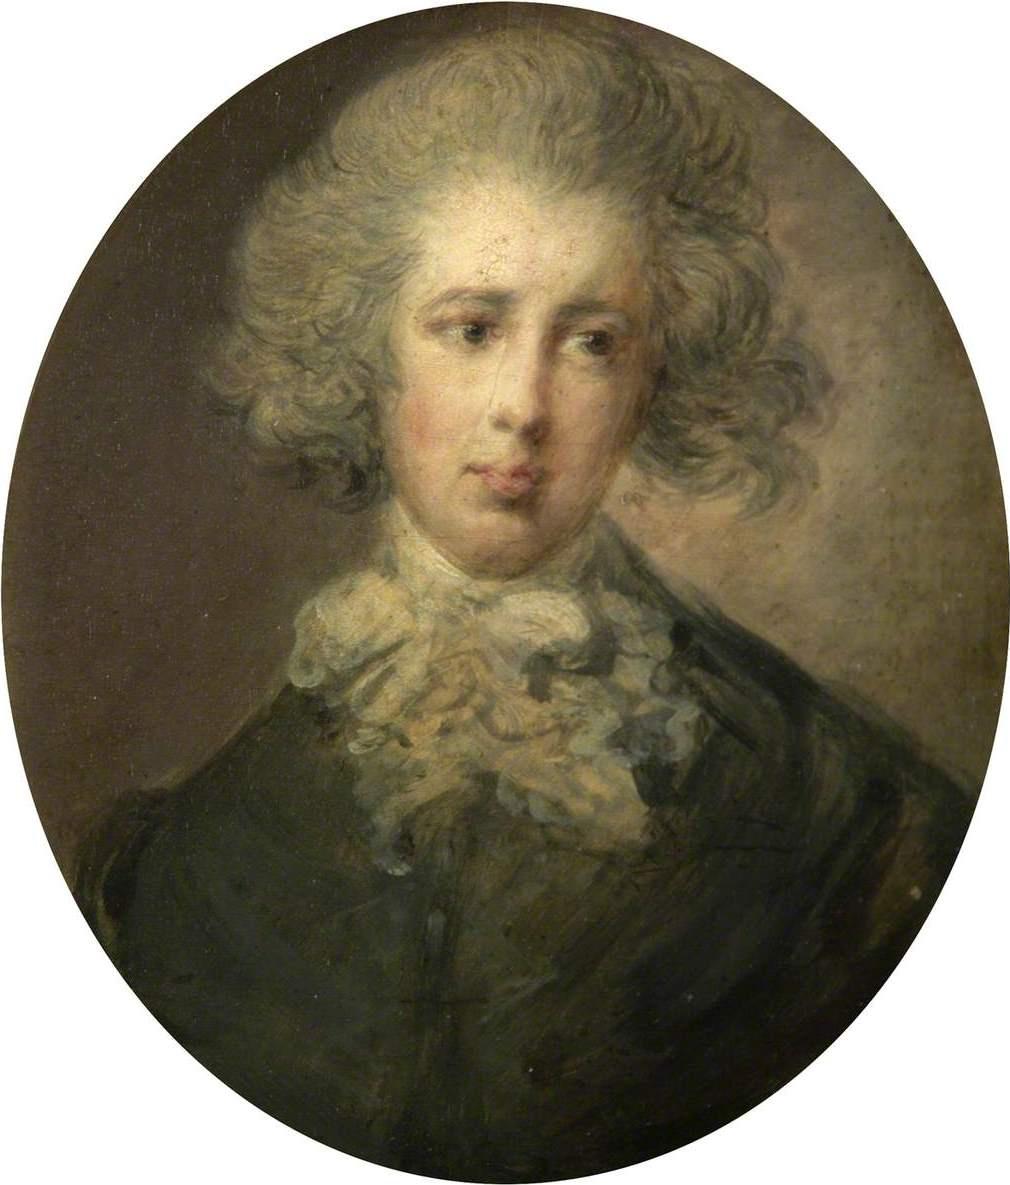 Томас Гейнсборо. Господин Говард, позднее герцог Норфолкский. Миниатюра